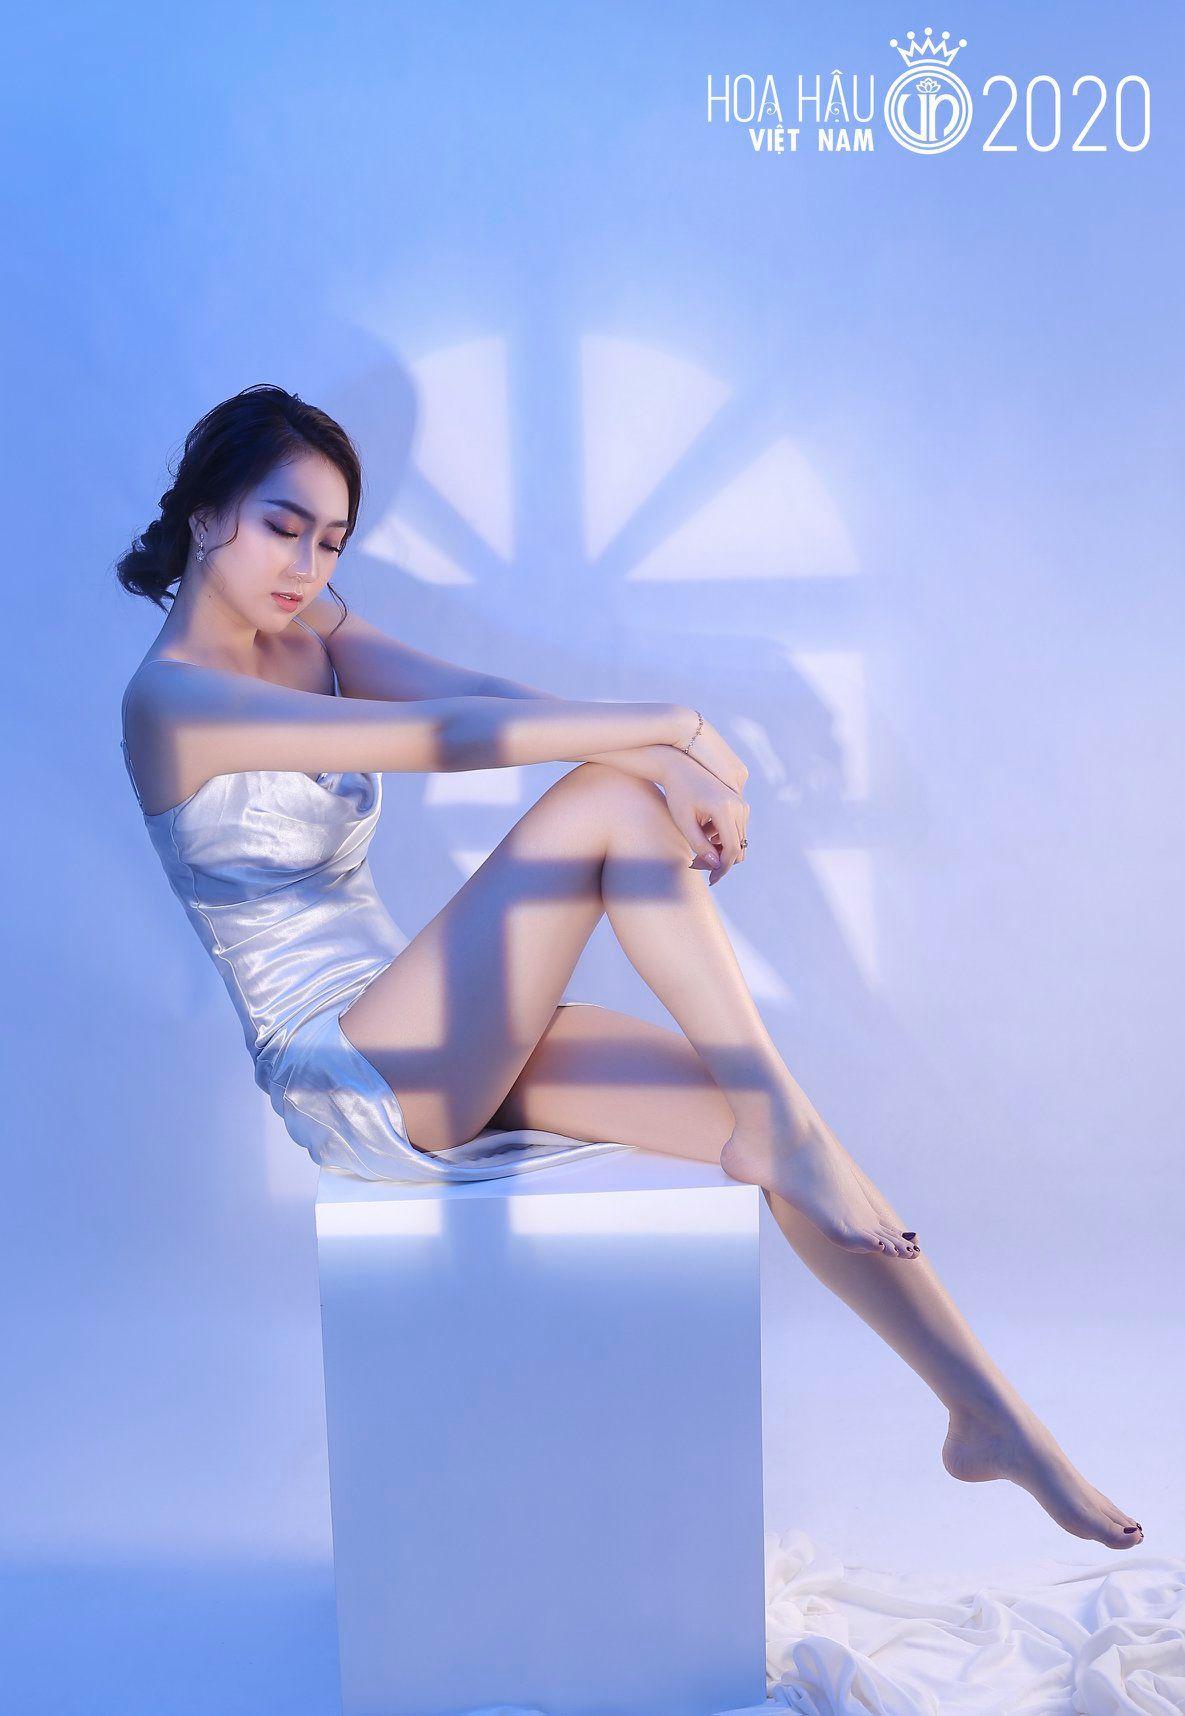 Hoa hậu Việt Nam 2020: Thí sinh nhịn cơm 3 tháng, treo lơ lửng để dáng hoàn mỹ - 1